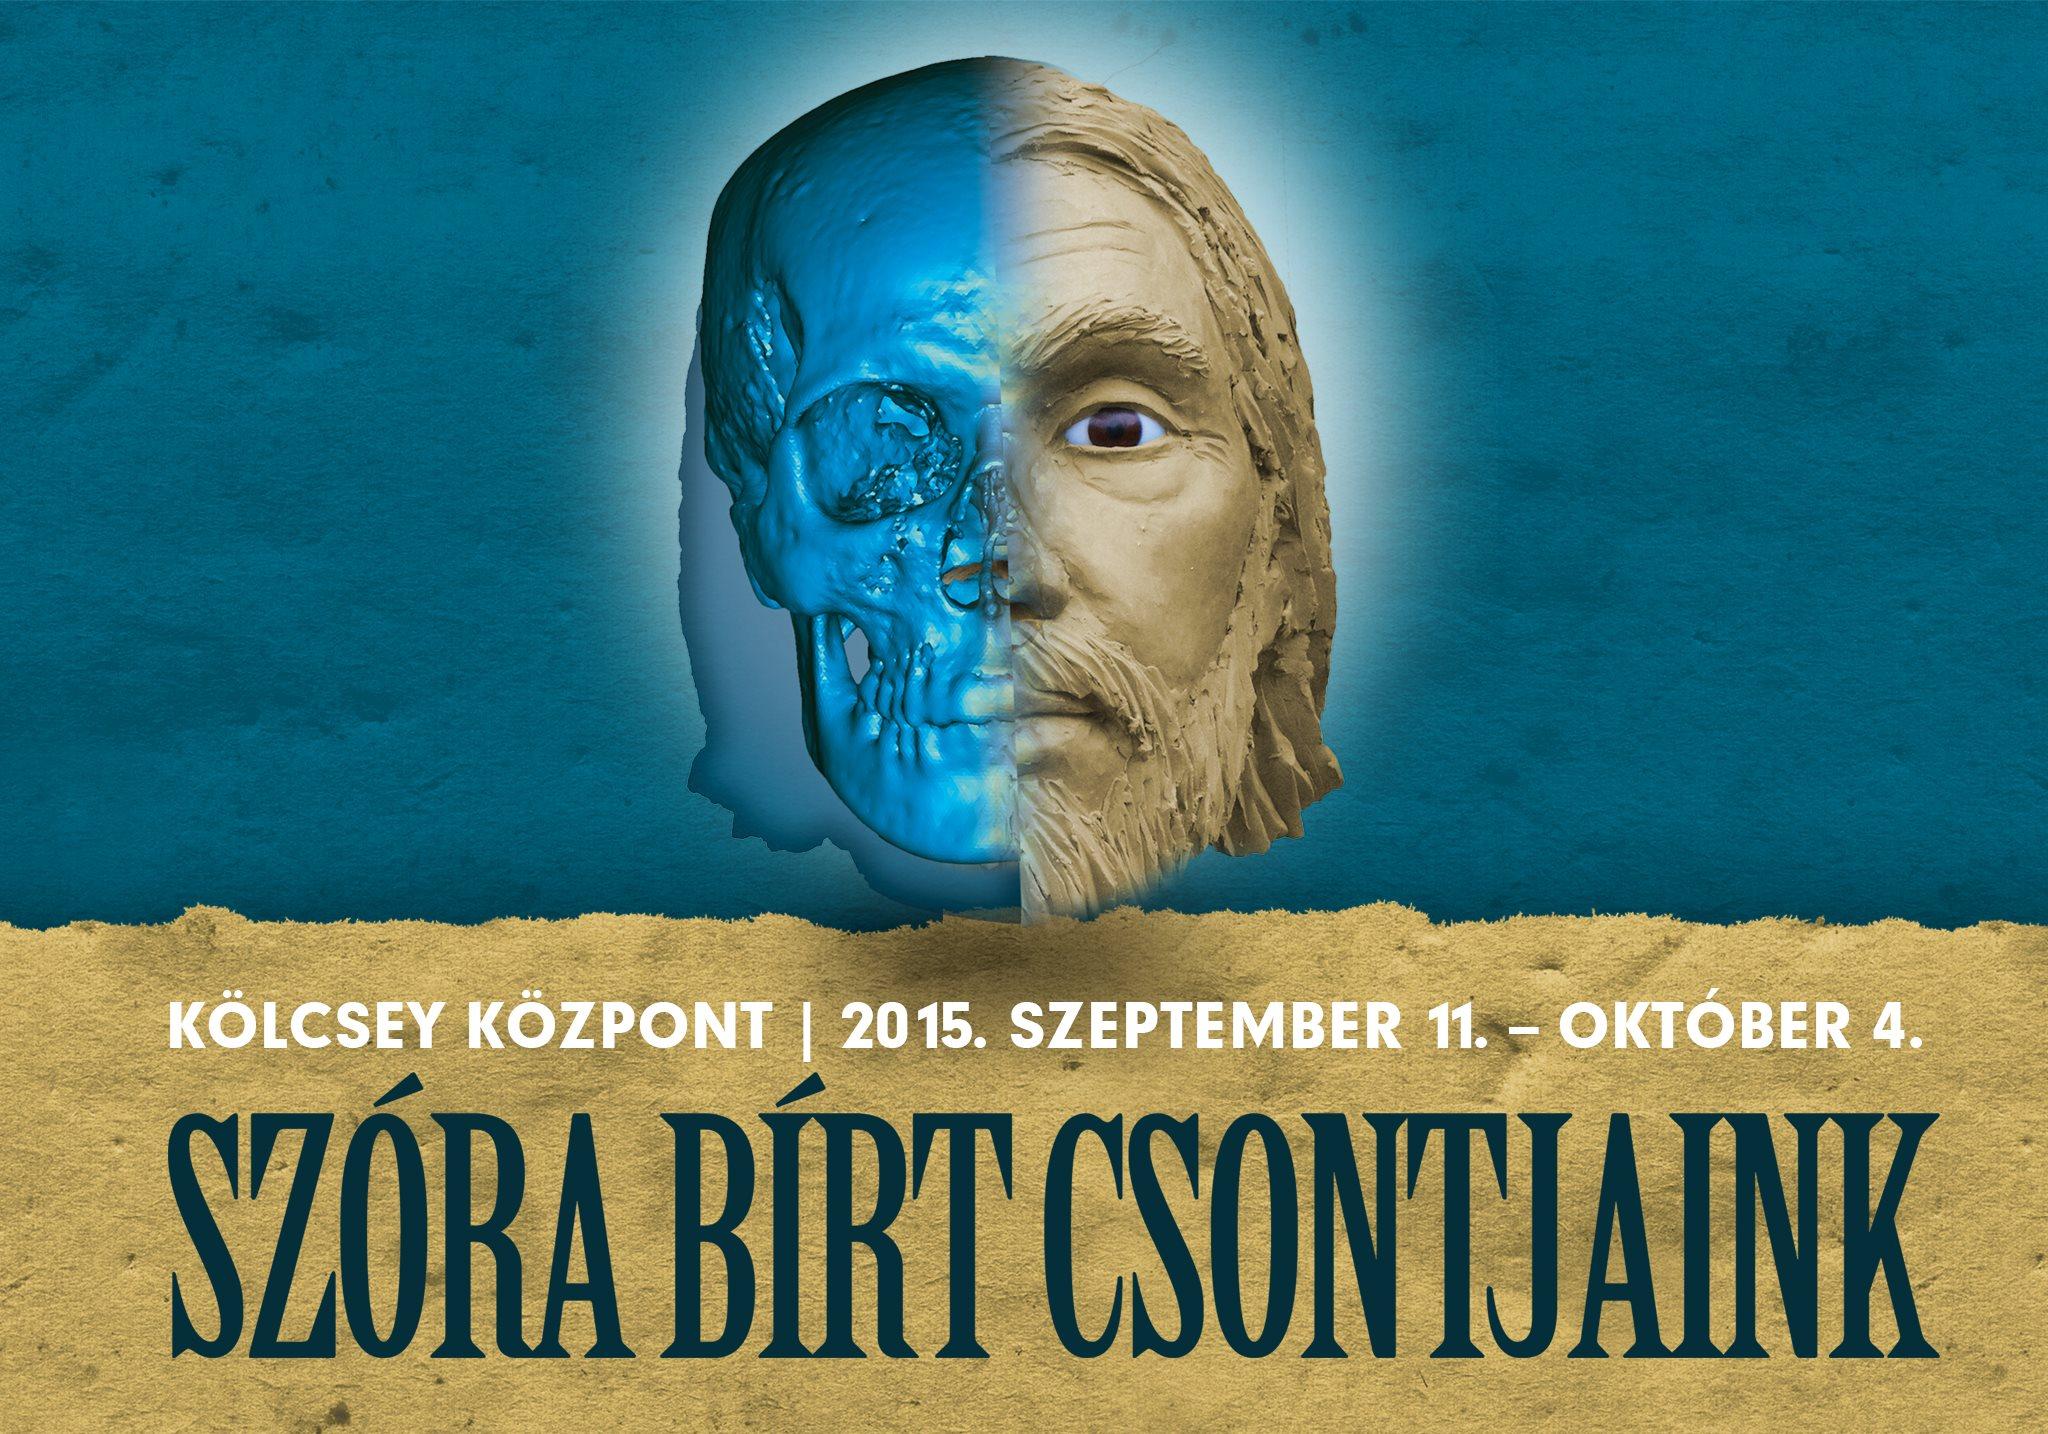 Szórabírt Csontjaink című vándorkiállításunk Debrecenben látogatható